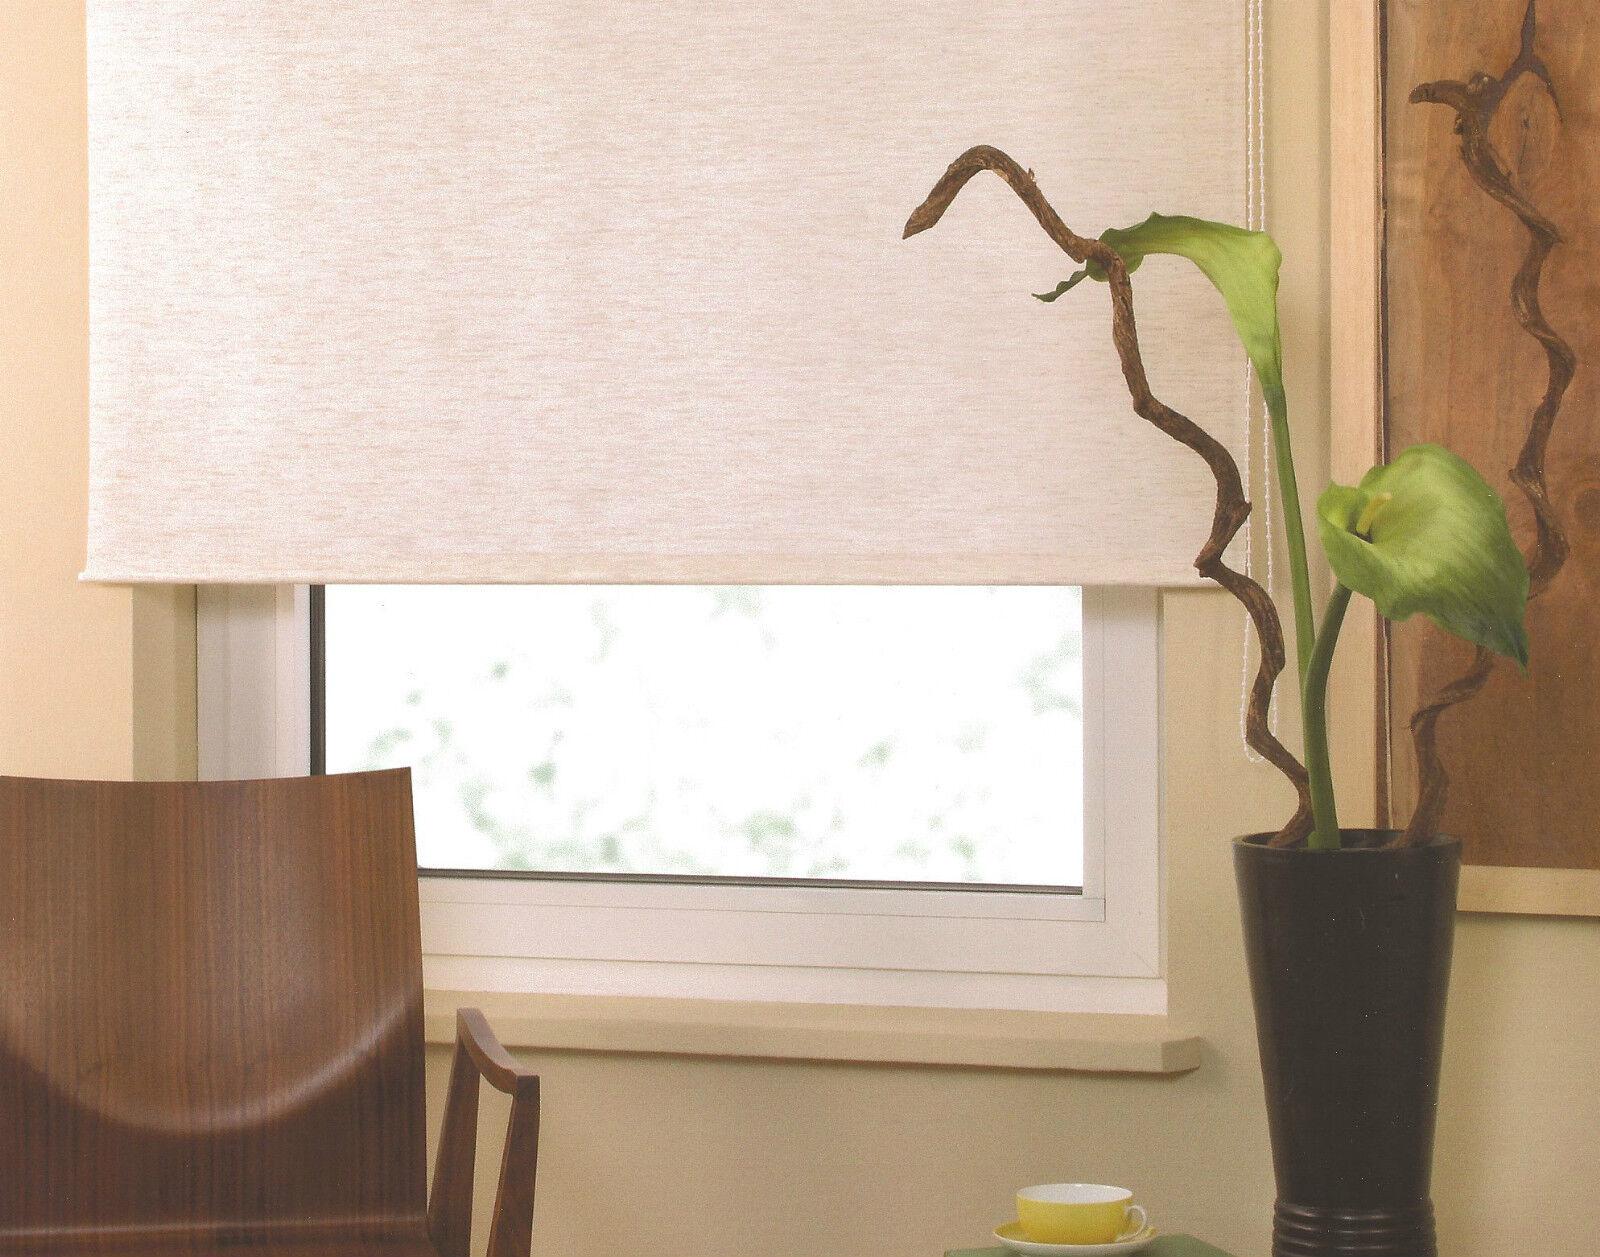 Mittelzugrollo Mittelzugrollo Mittelzugrollo Springrollo Tür Fenster Rollo Schnapprollo Fensterrollo Orange | Vogue  c6cd6e